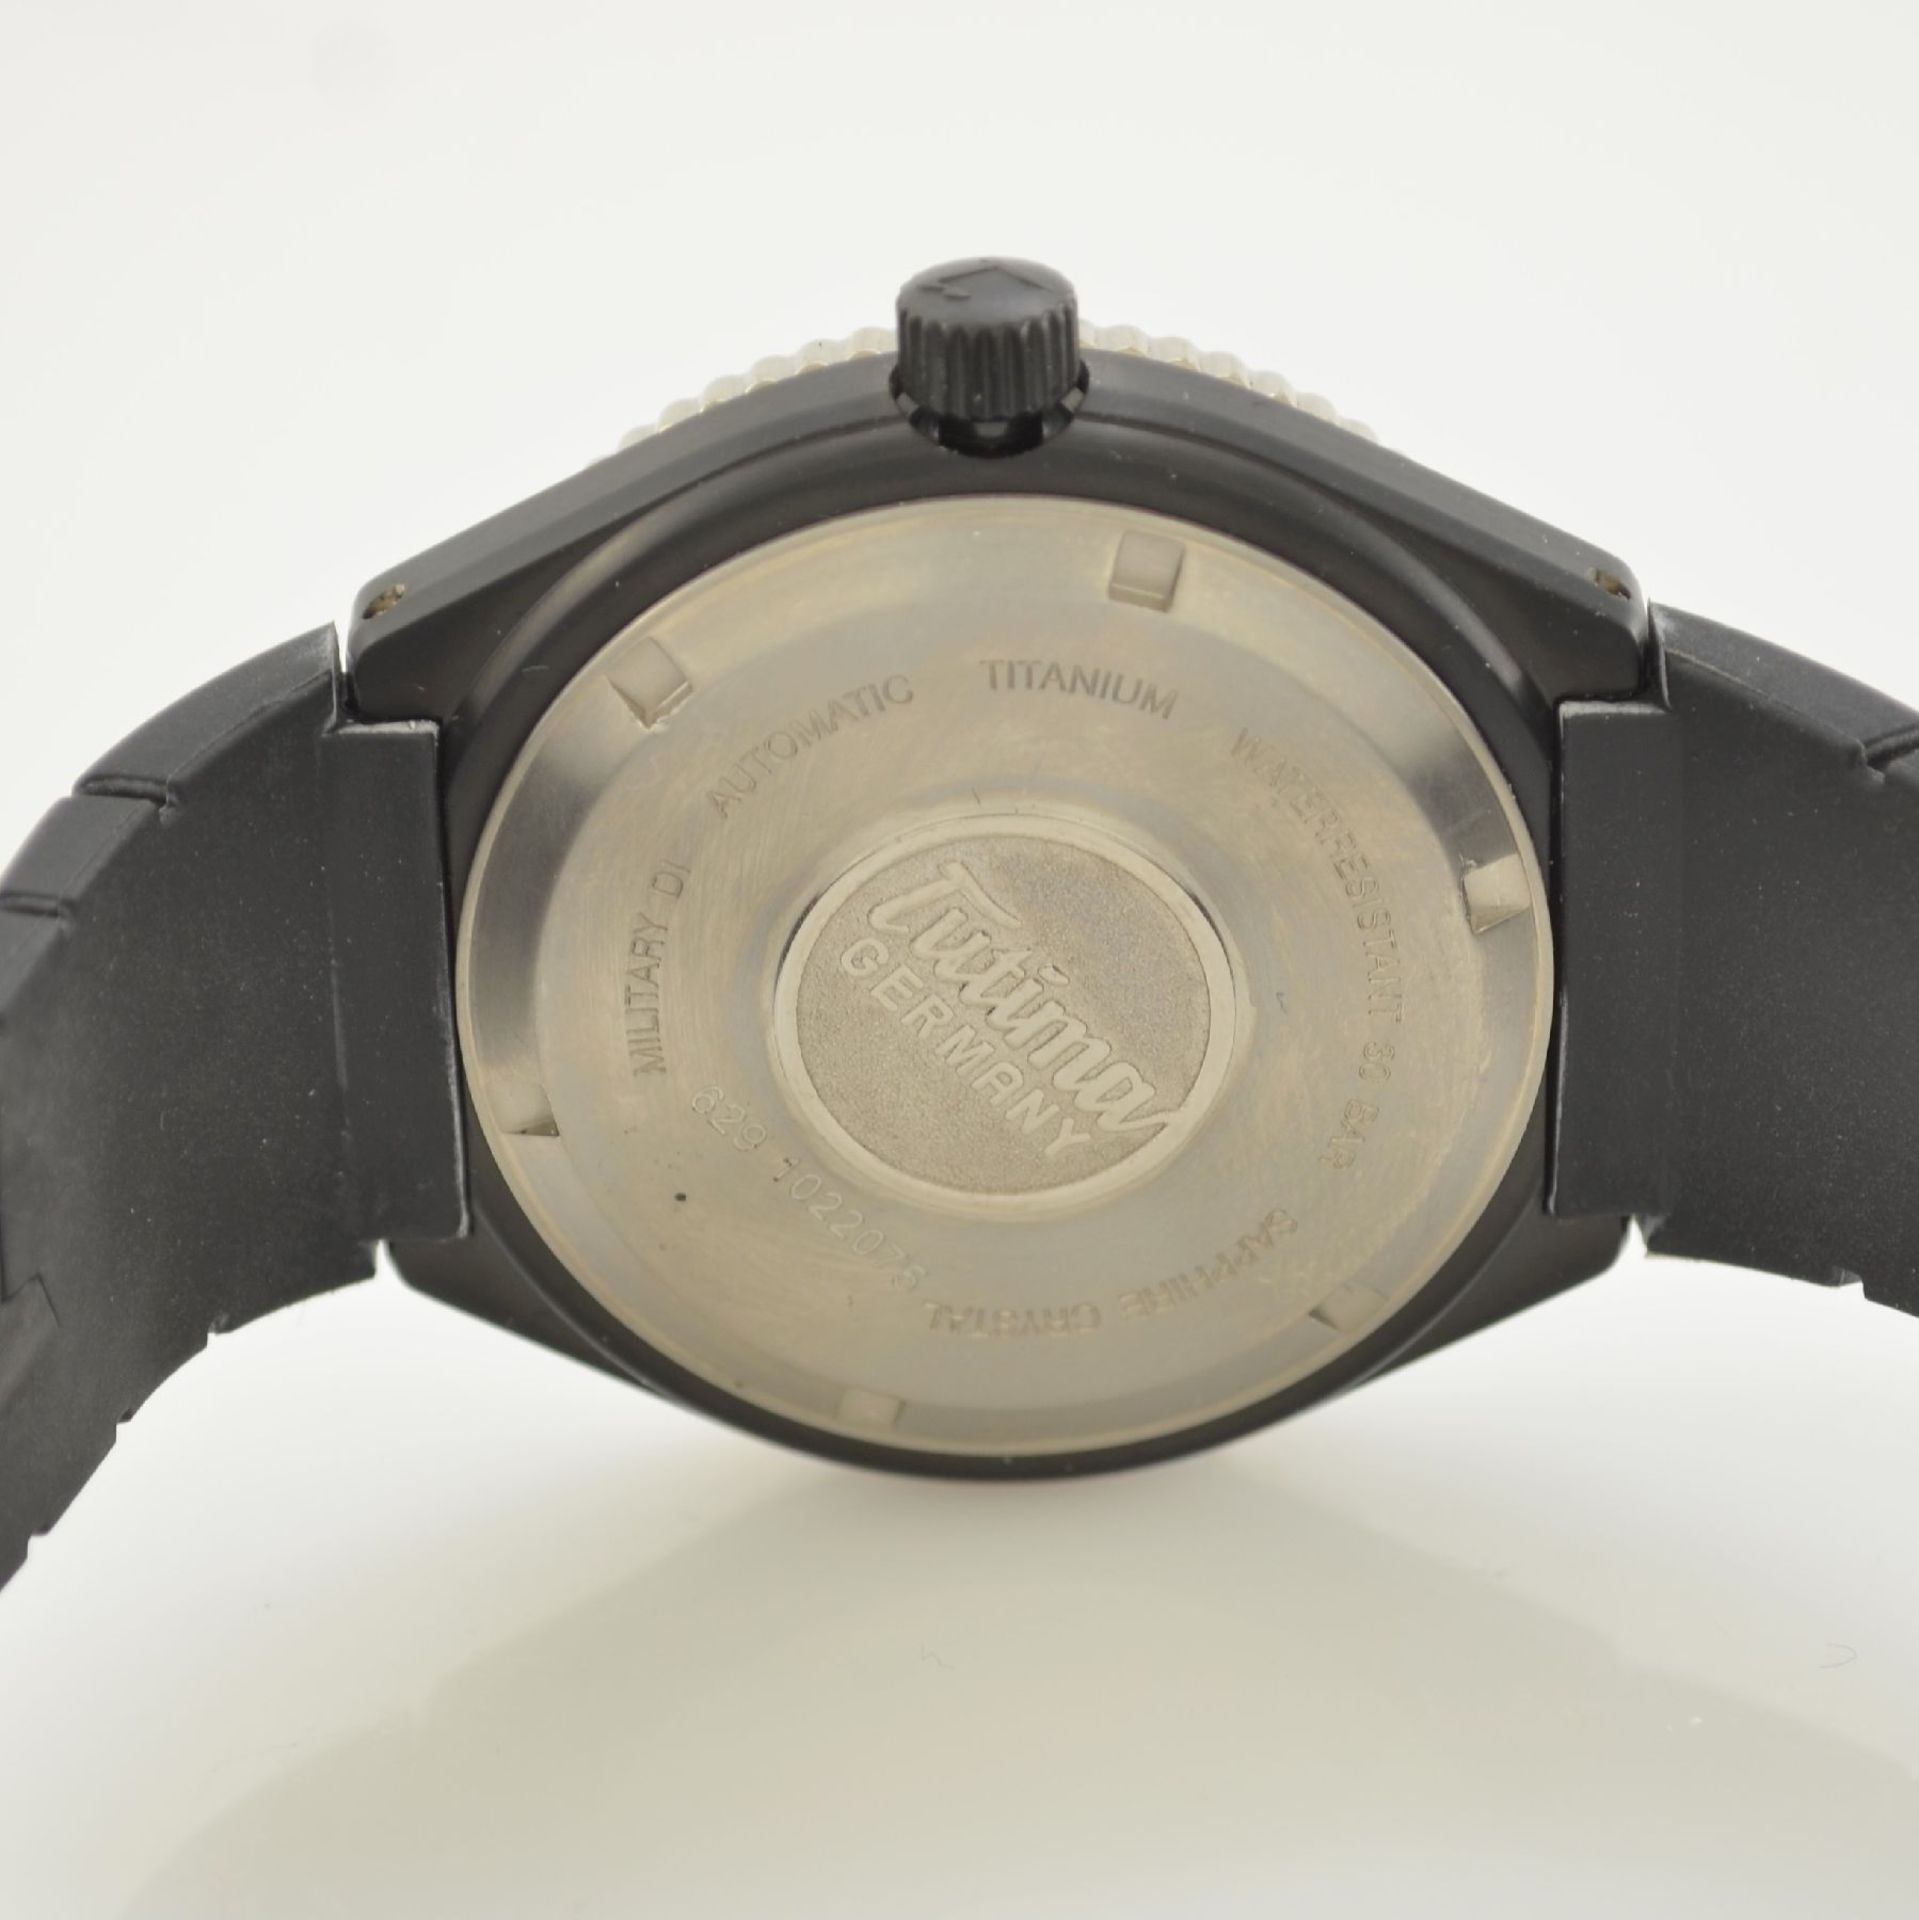 TUTIMA DI 300 Taucherarmbanduhr in Titan, Deutschland/Schweiz um 2010, Automatik, PVD- beschichtetes - Bild 7 aus 9